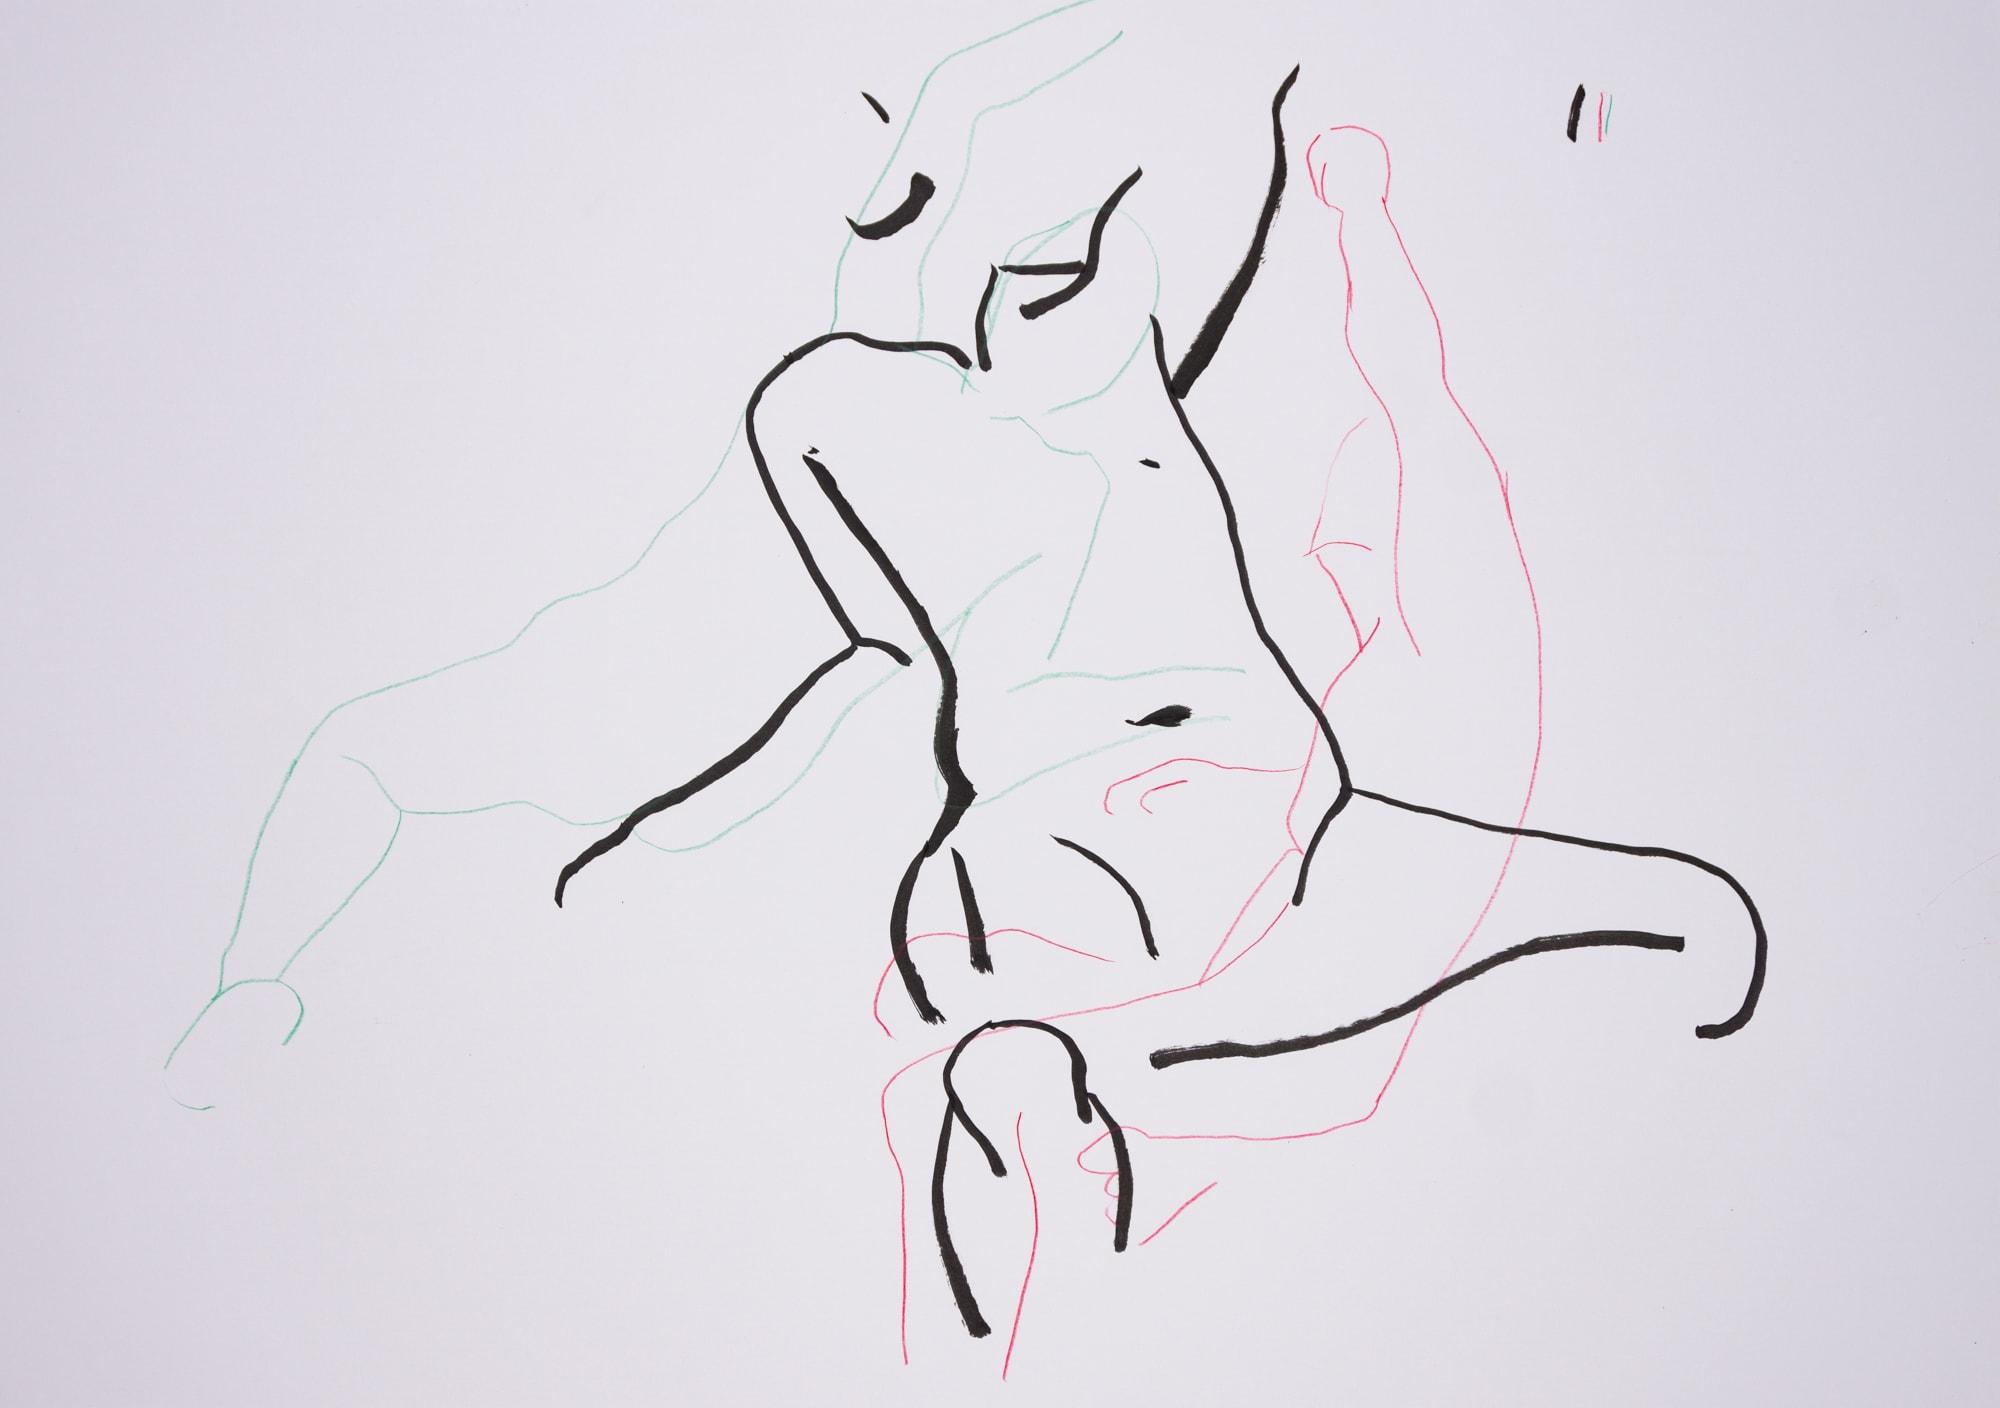 Zeichnung, Farbstift und Tusche auf Papier, 59,4x42cm, Männerakt?, Künstlerin: Franziska King